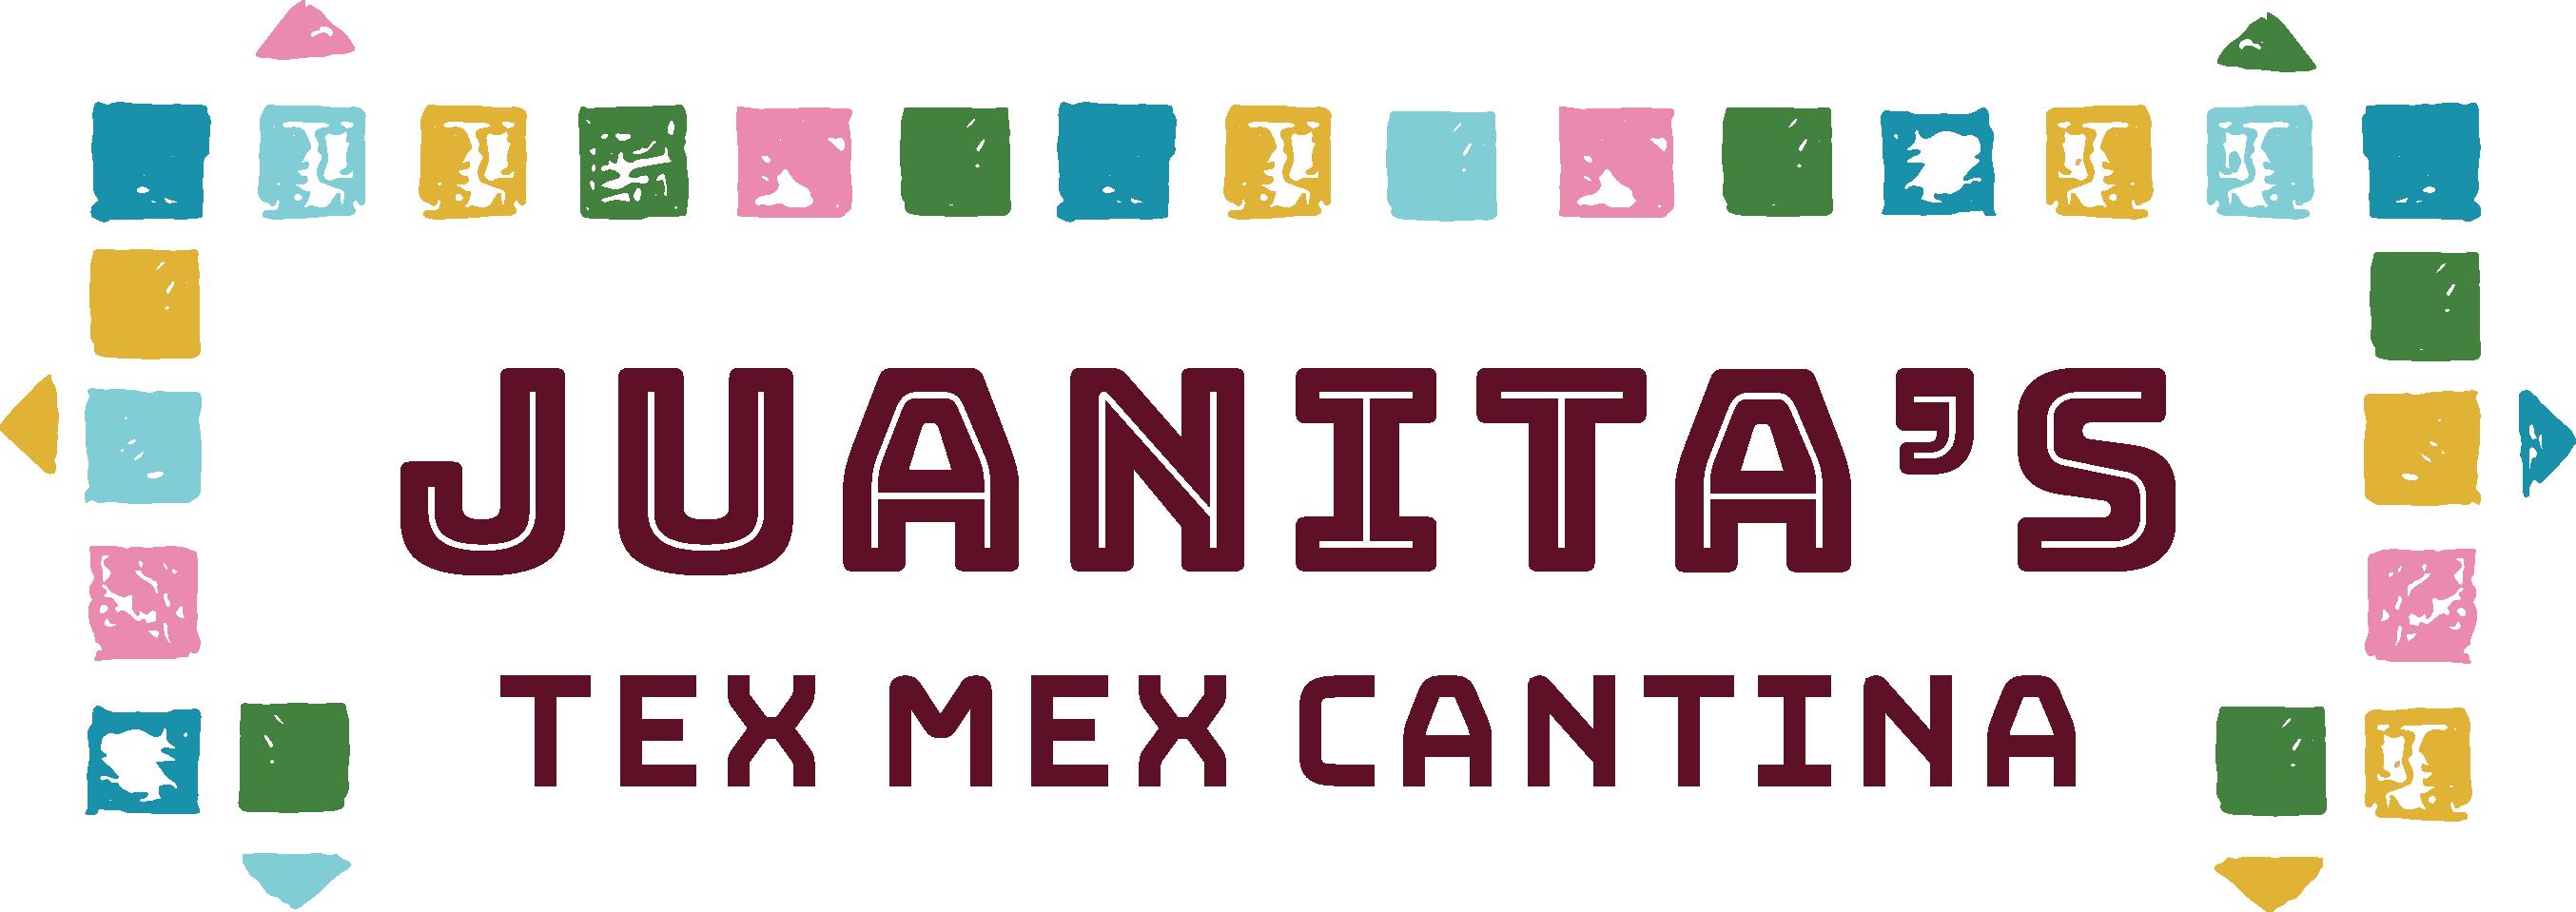 Juanita's Tex Mex Cantina Tex-Mex Restaurant